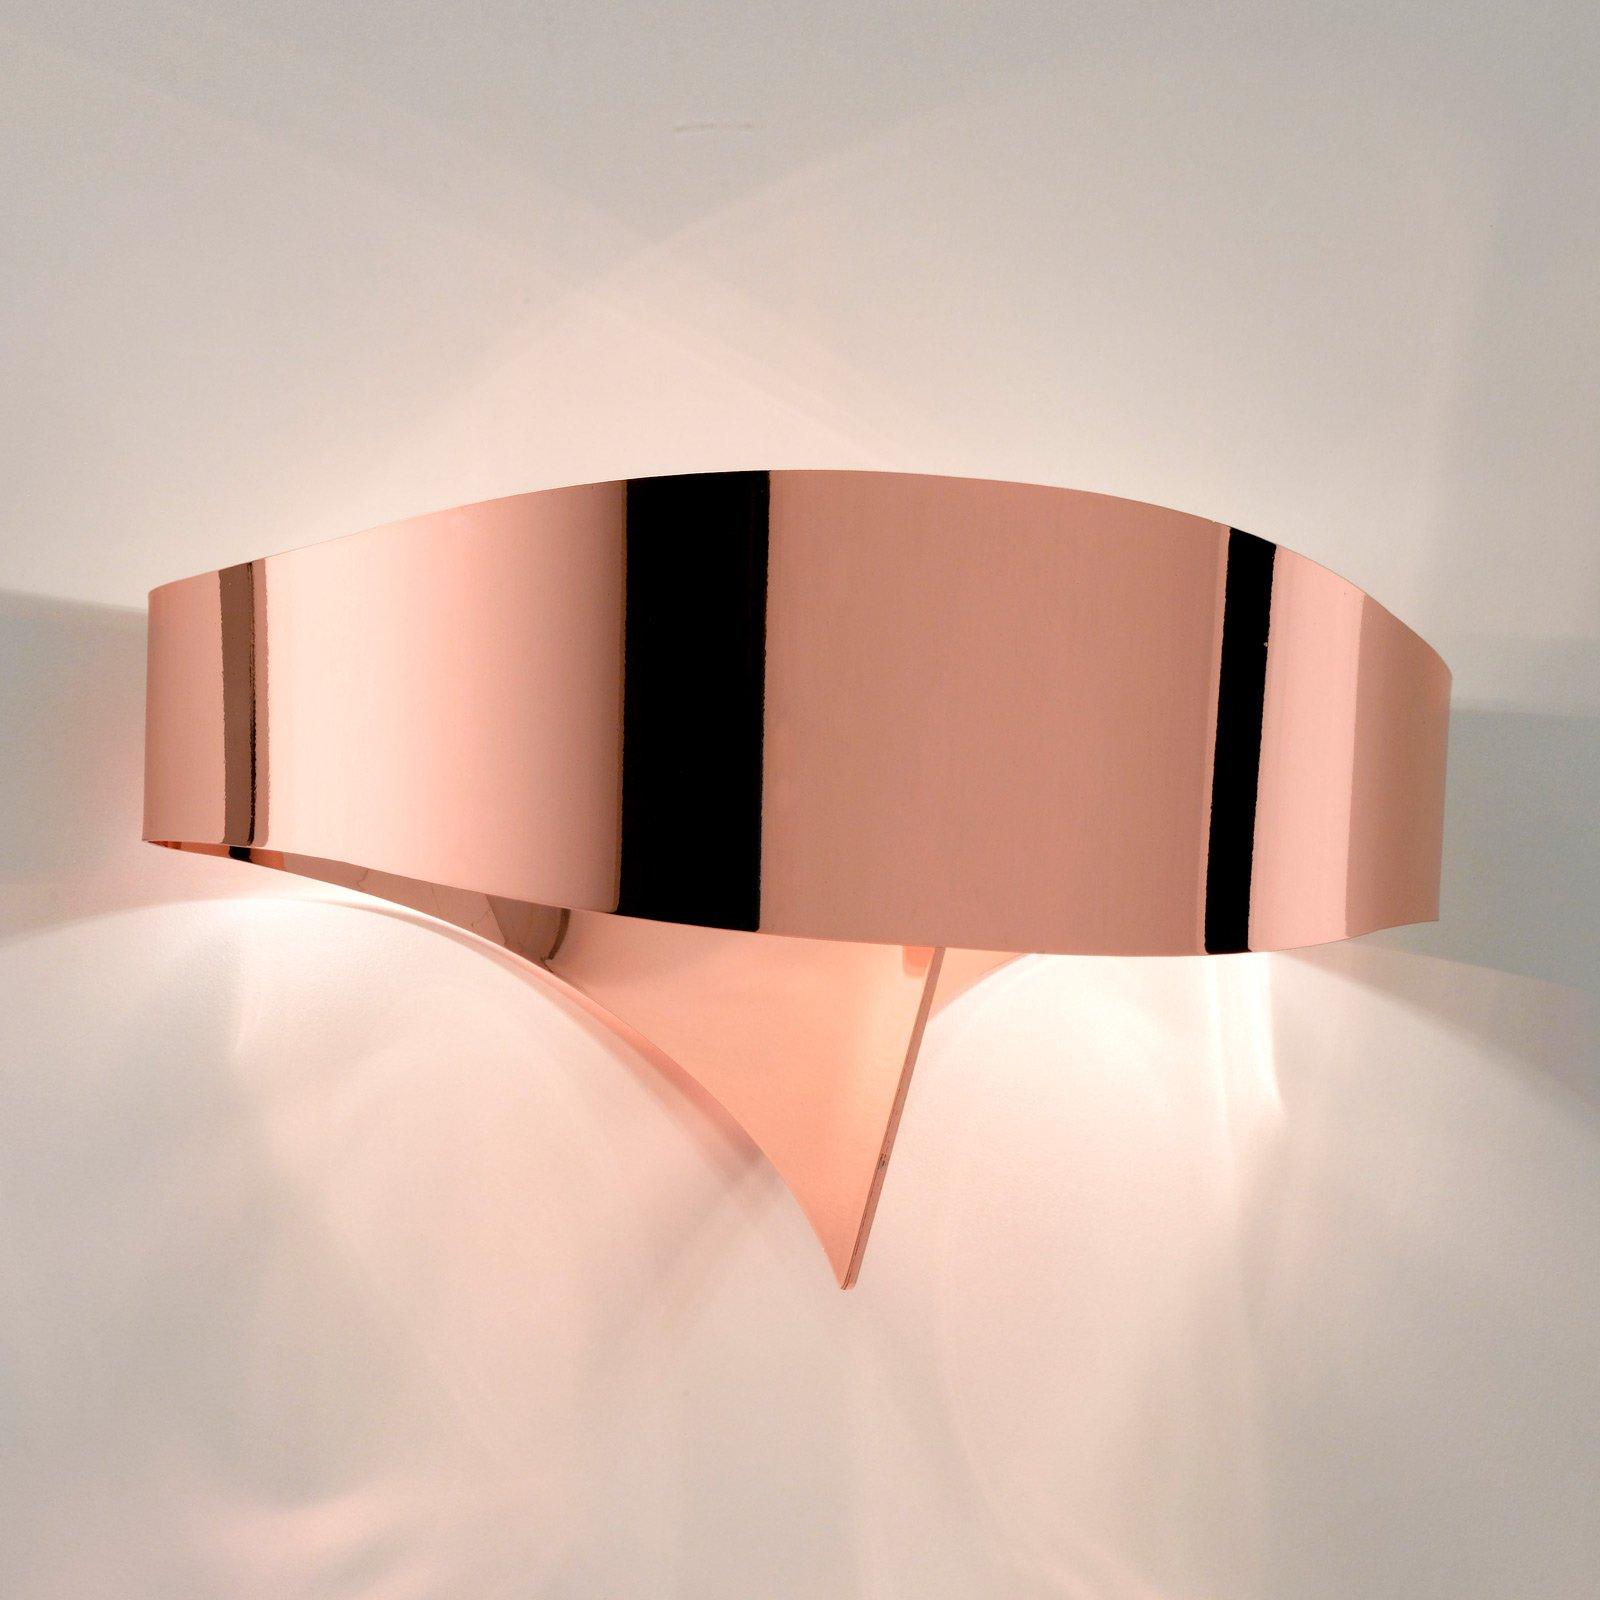 LED-vegglampe Scudo av stål, kobber